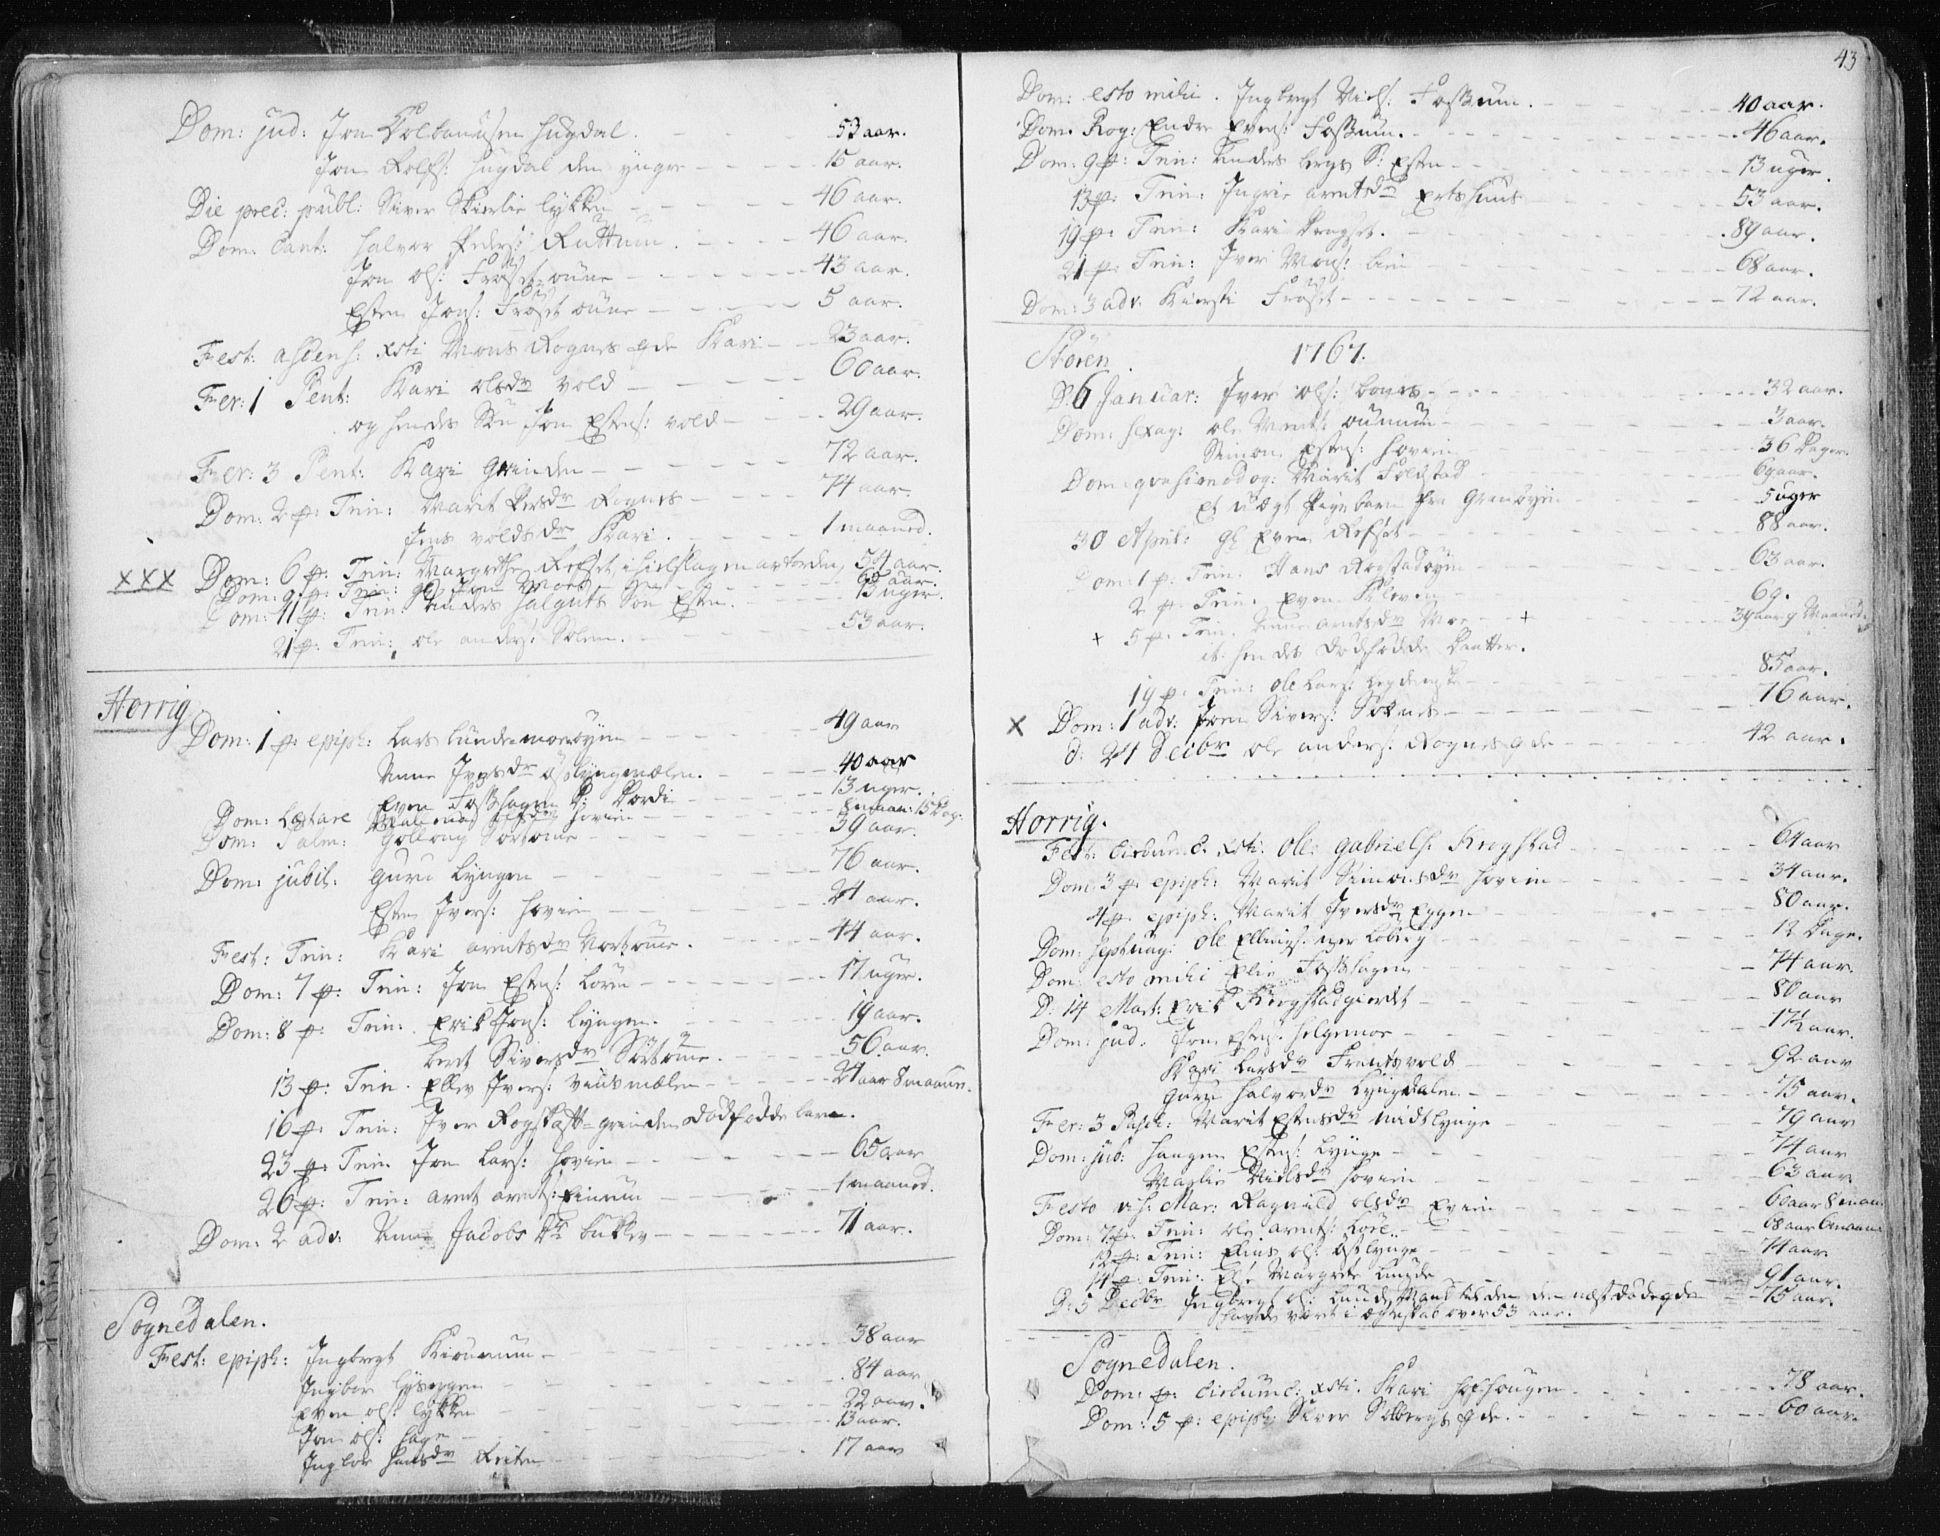 SAT, Ministerialprotokoller, klokkerbøker og fødselsregistre - Sør-Trøndelag, 687/L0991: Ministerialbok nr. 687A02, 1747-1790, s. 43